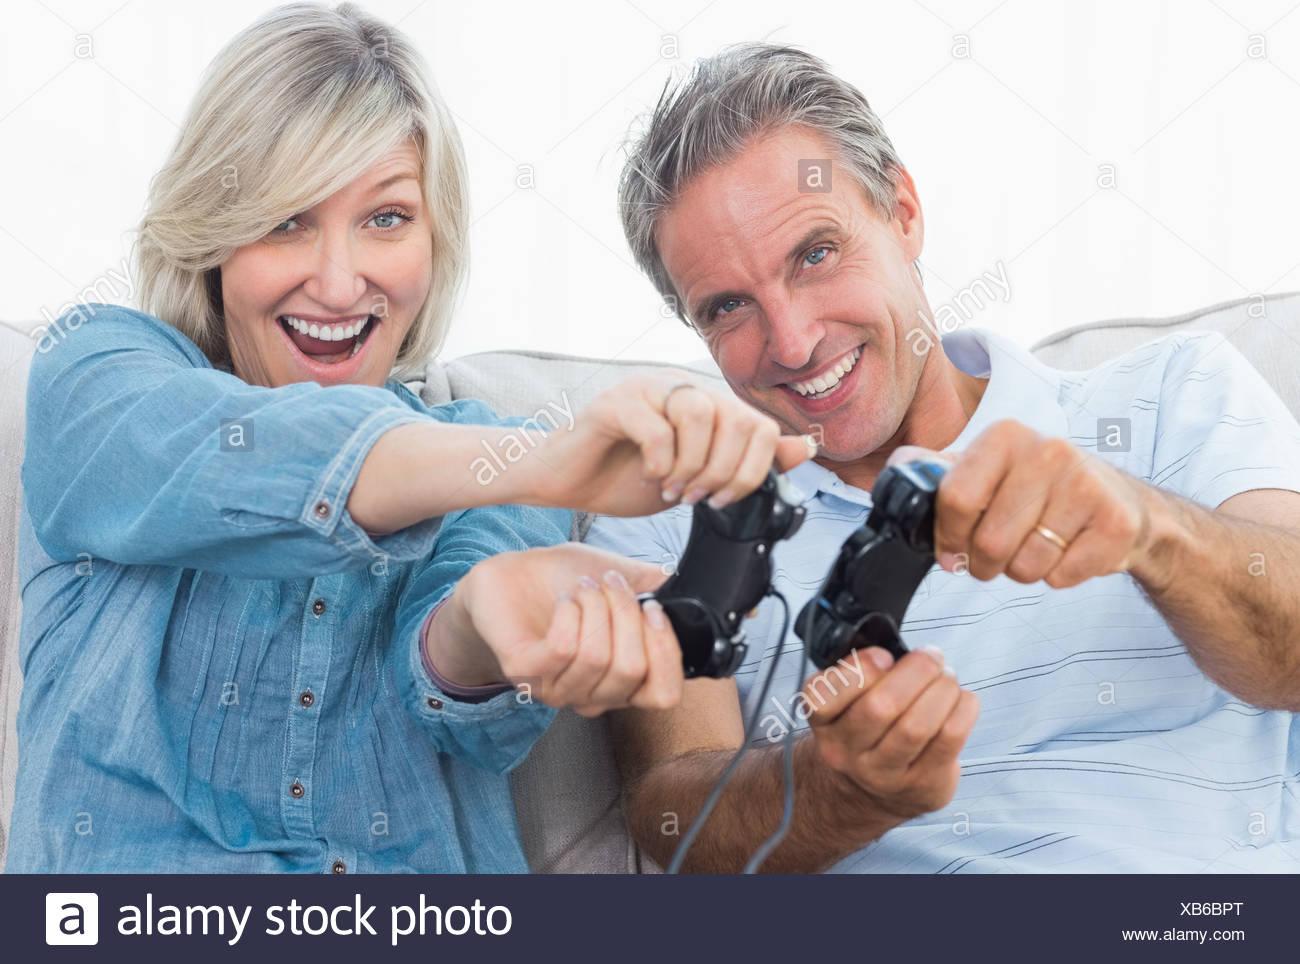 Couple de jeux vidéo sur le canapé Photo Stock